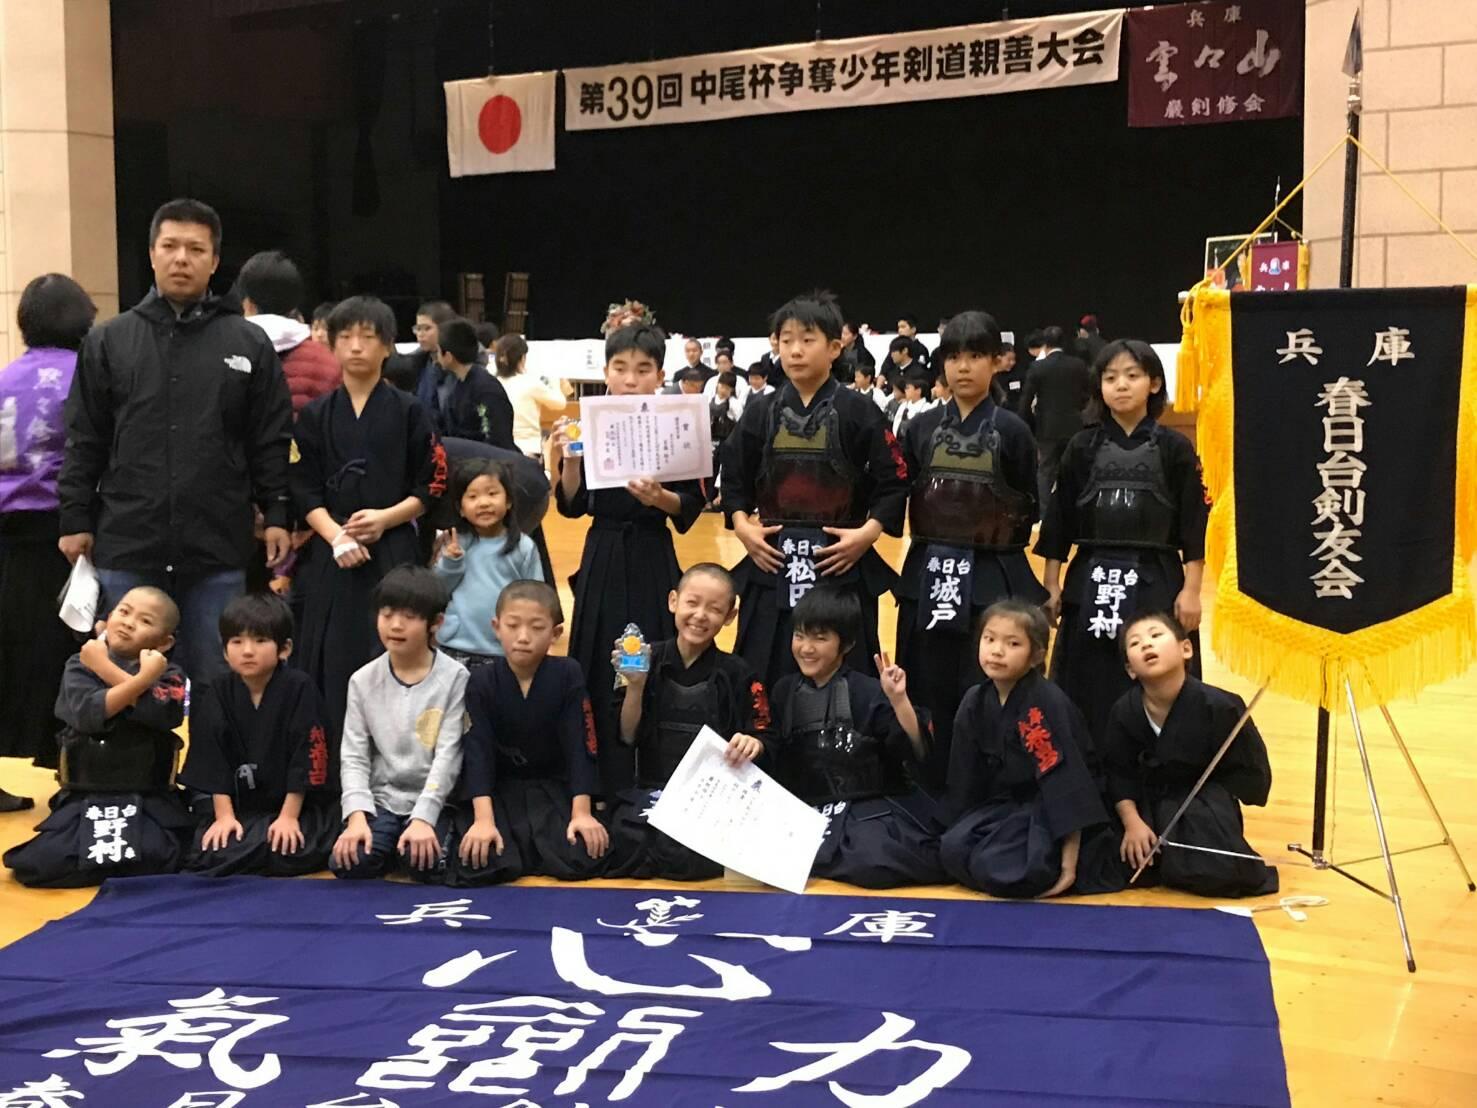 中尾杯争奪少年剣道親善大会に参加しました